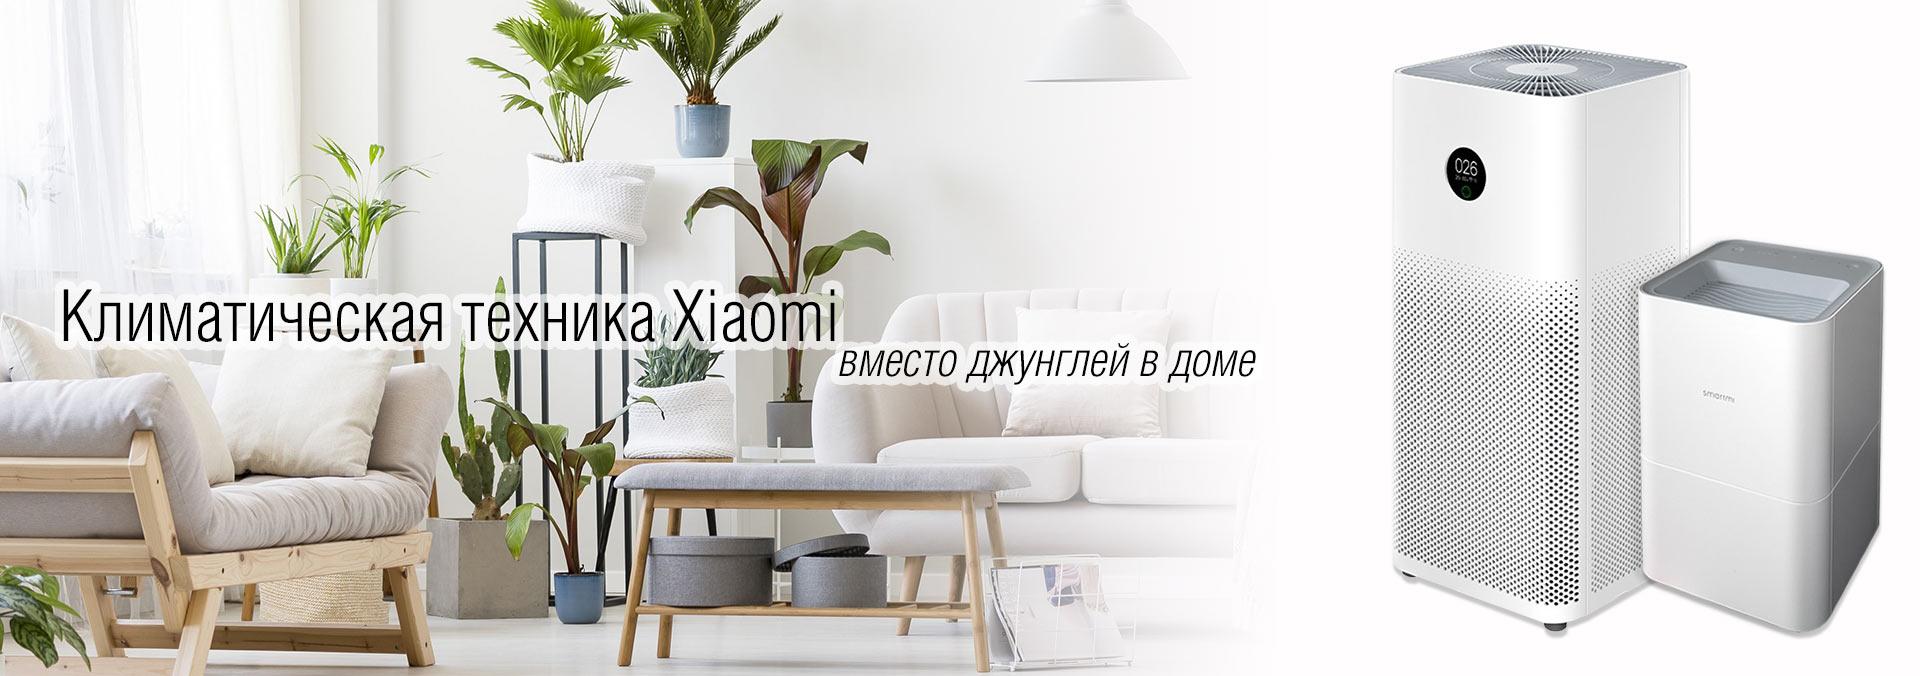 Климатическая техника Xiaomi в СПб